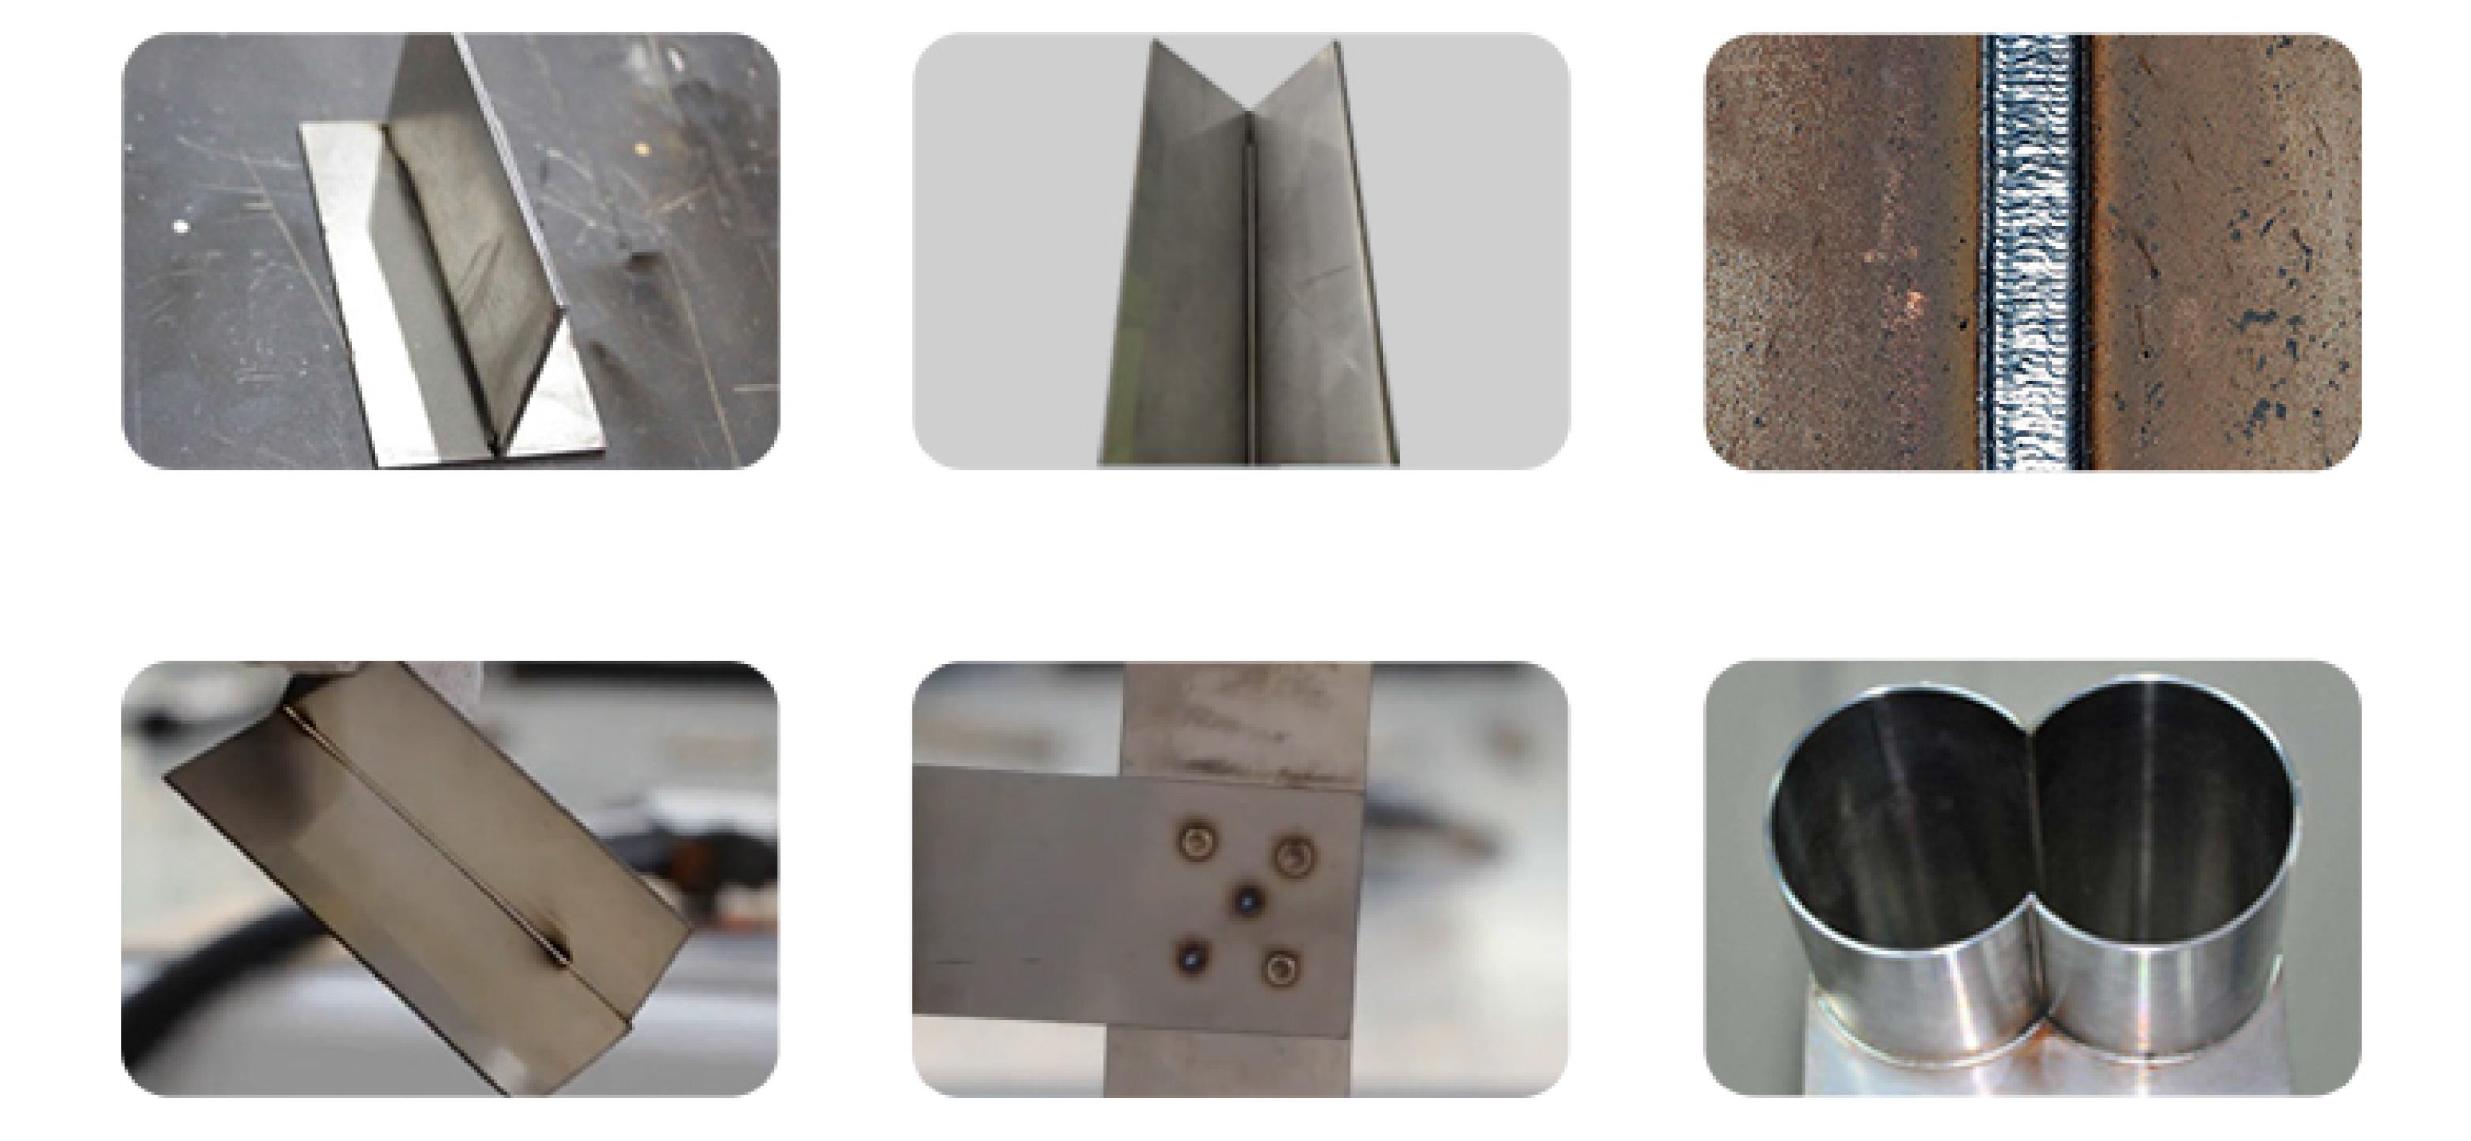 Laser welding machin22e 8 - Аппарат ручной лазерной сварки Weldment CZ